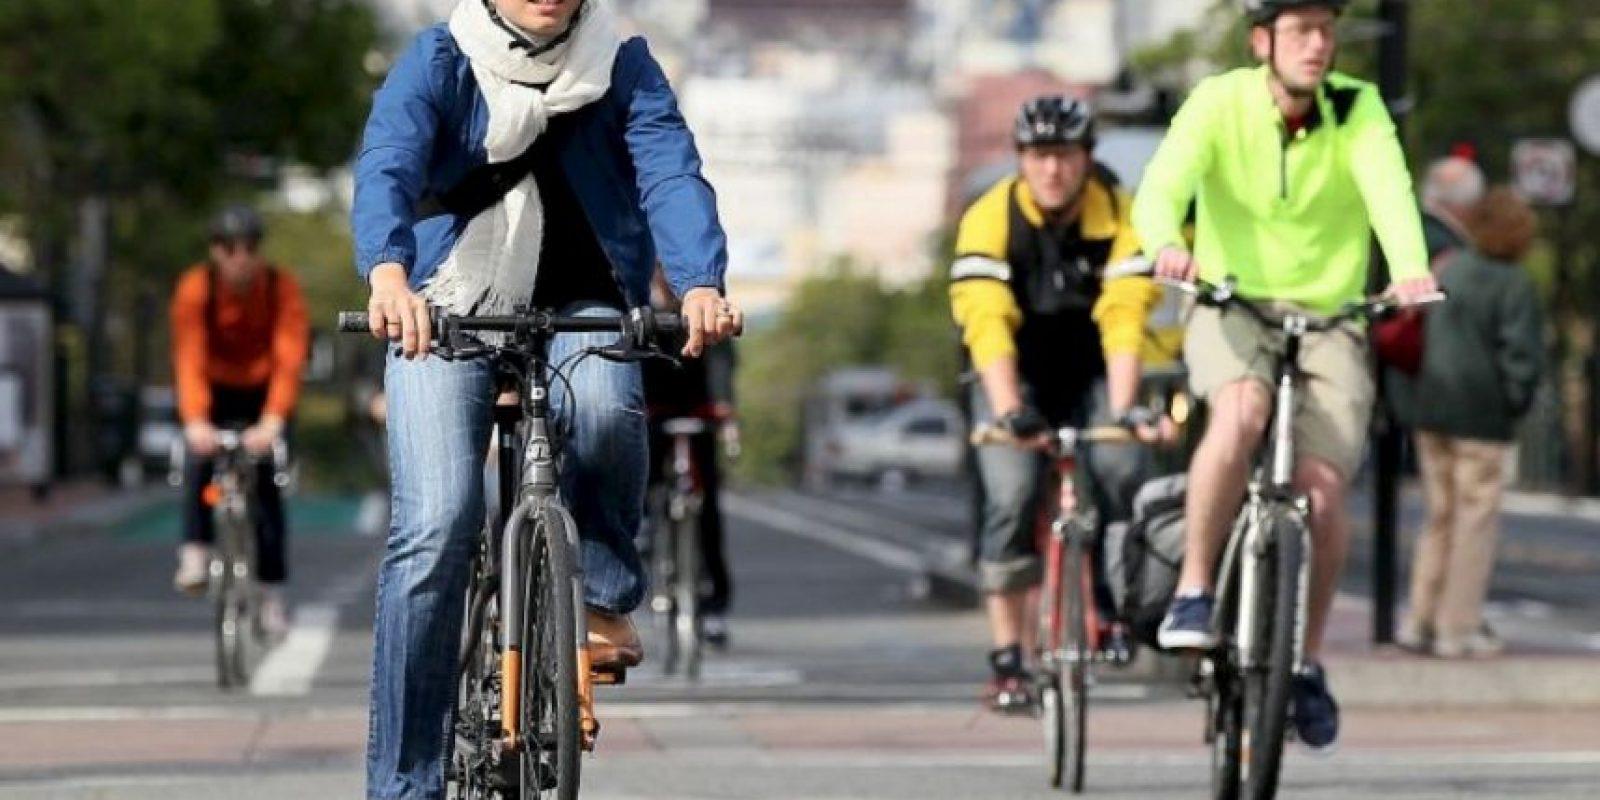 2. De noche deben utilizar luces y reflectantes tanto en la bicicleta como en su ropa. De día lleven ropa de colores llamativos que no se pueda confundir con el paisaje. Foto:Getty Images